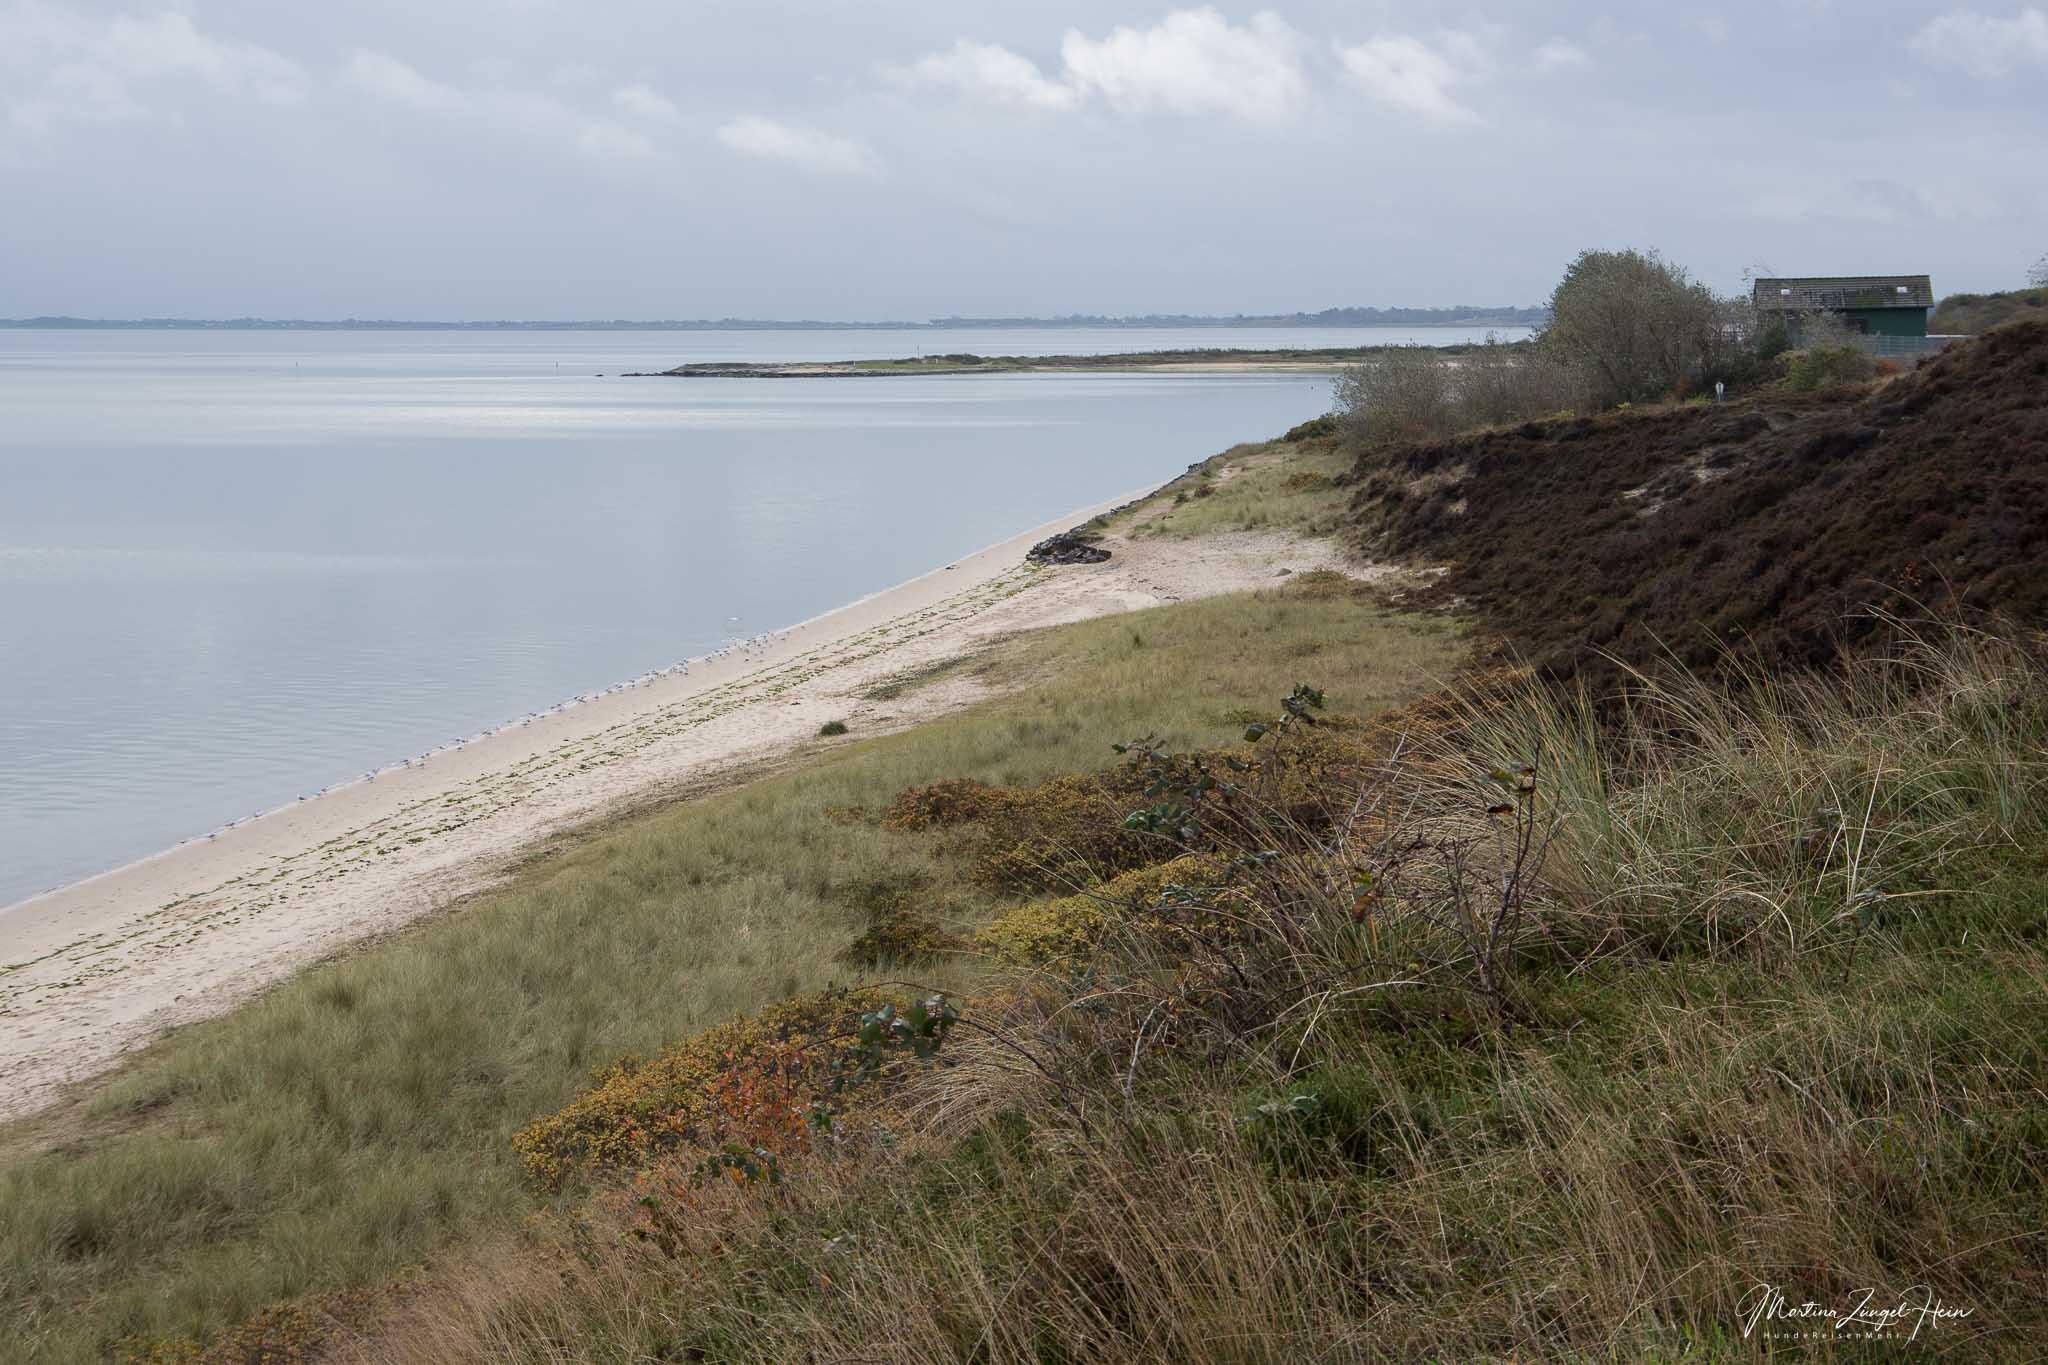 Von der Braderuper Heide kannst du bis zum Festland schauen